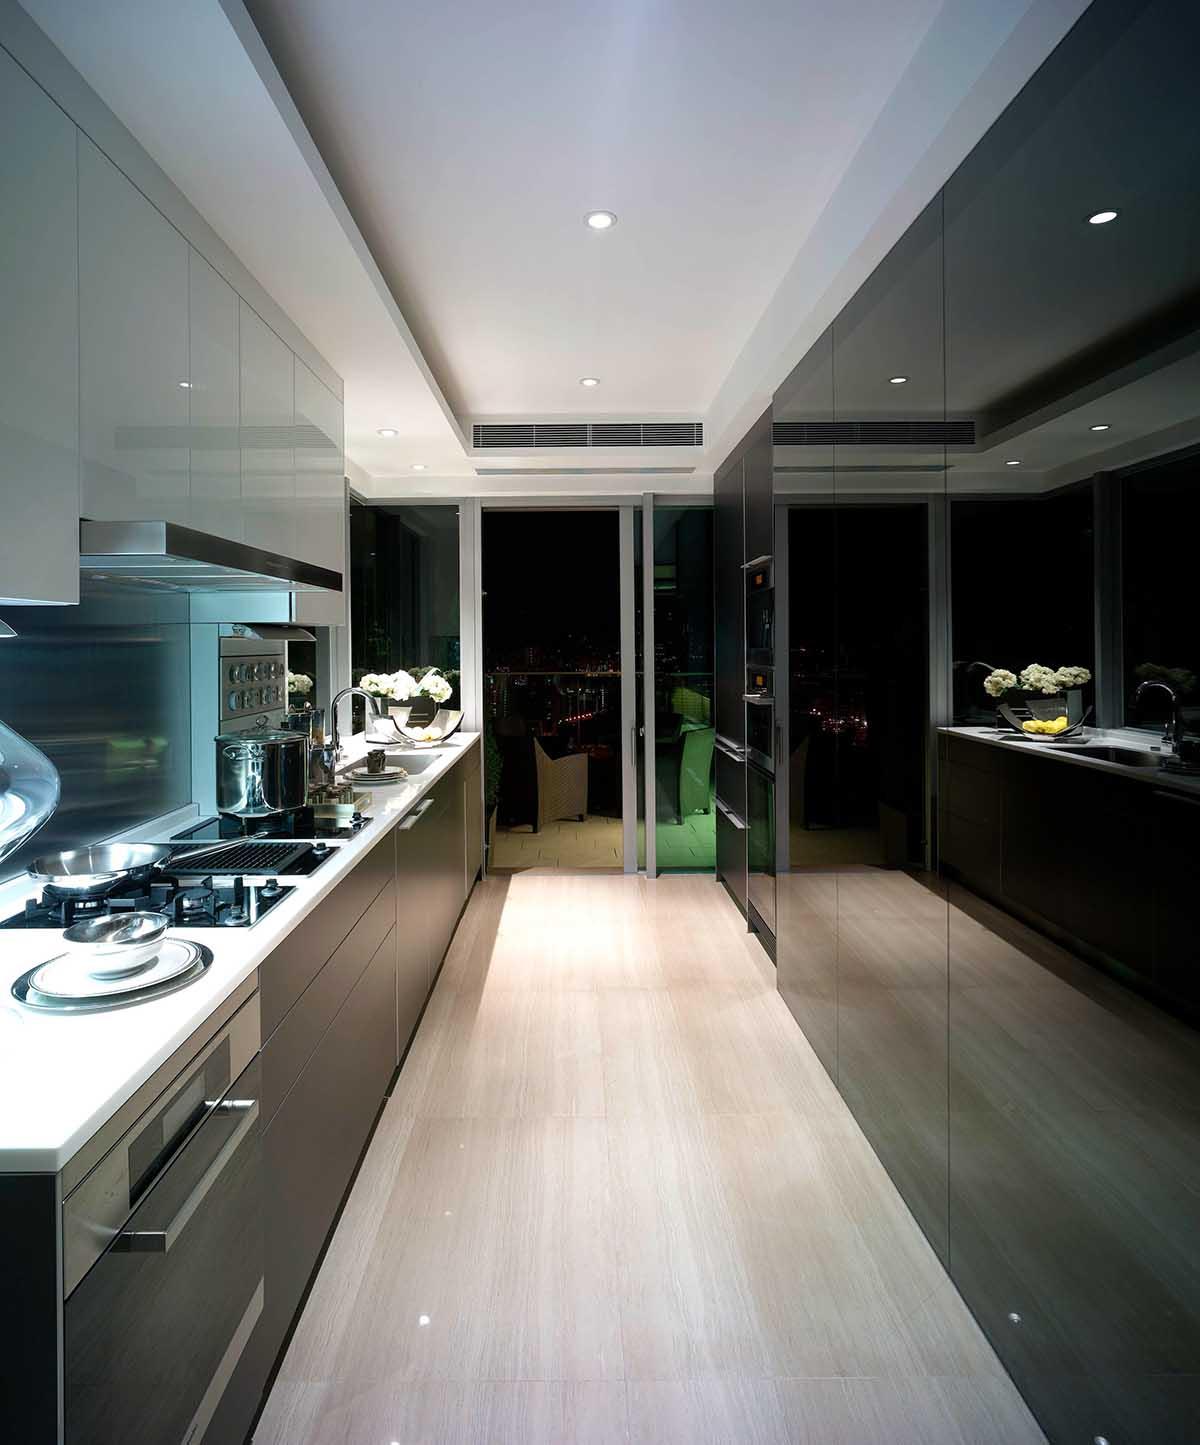 Tủ bếp chung cư song song được thiết kế theo phong cách châu Âu cùng màu ghi đen hiện đại. Một phần tủ được ốp kính tạo cảm giác không gian trở nên mở rộng, thoáng đãng hơn.